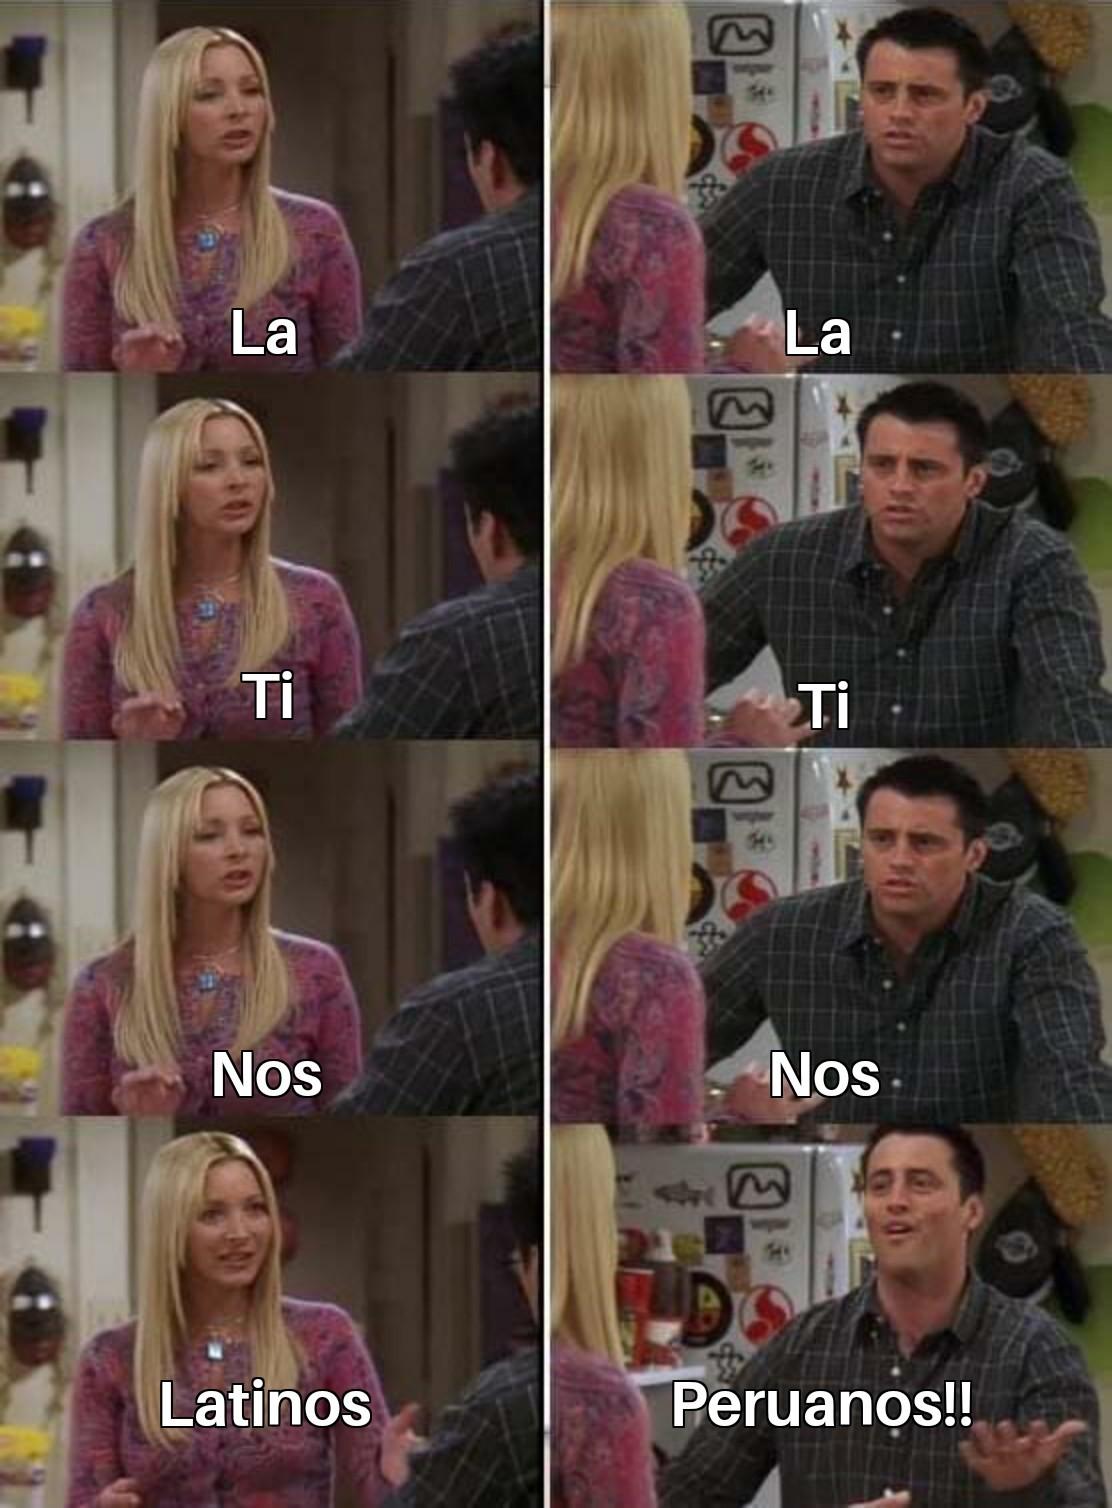 Jjsjs peruanos - meme